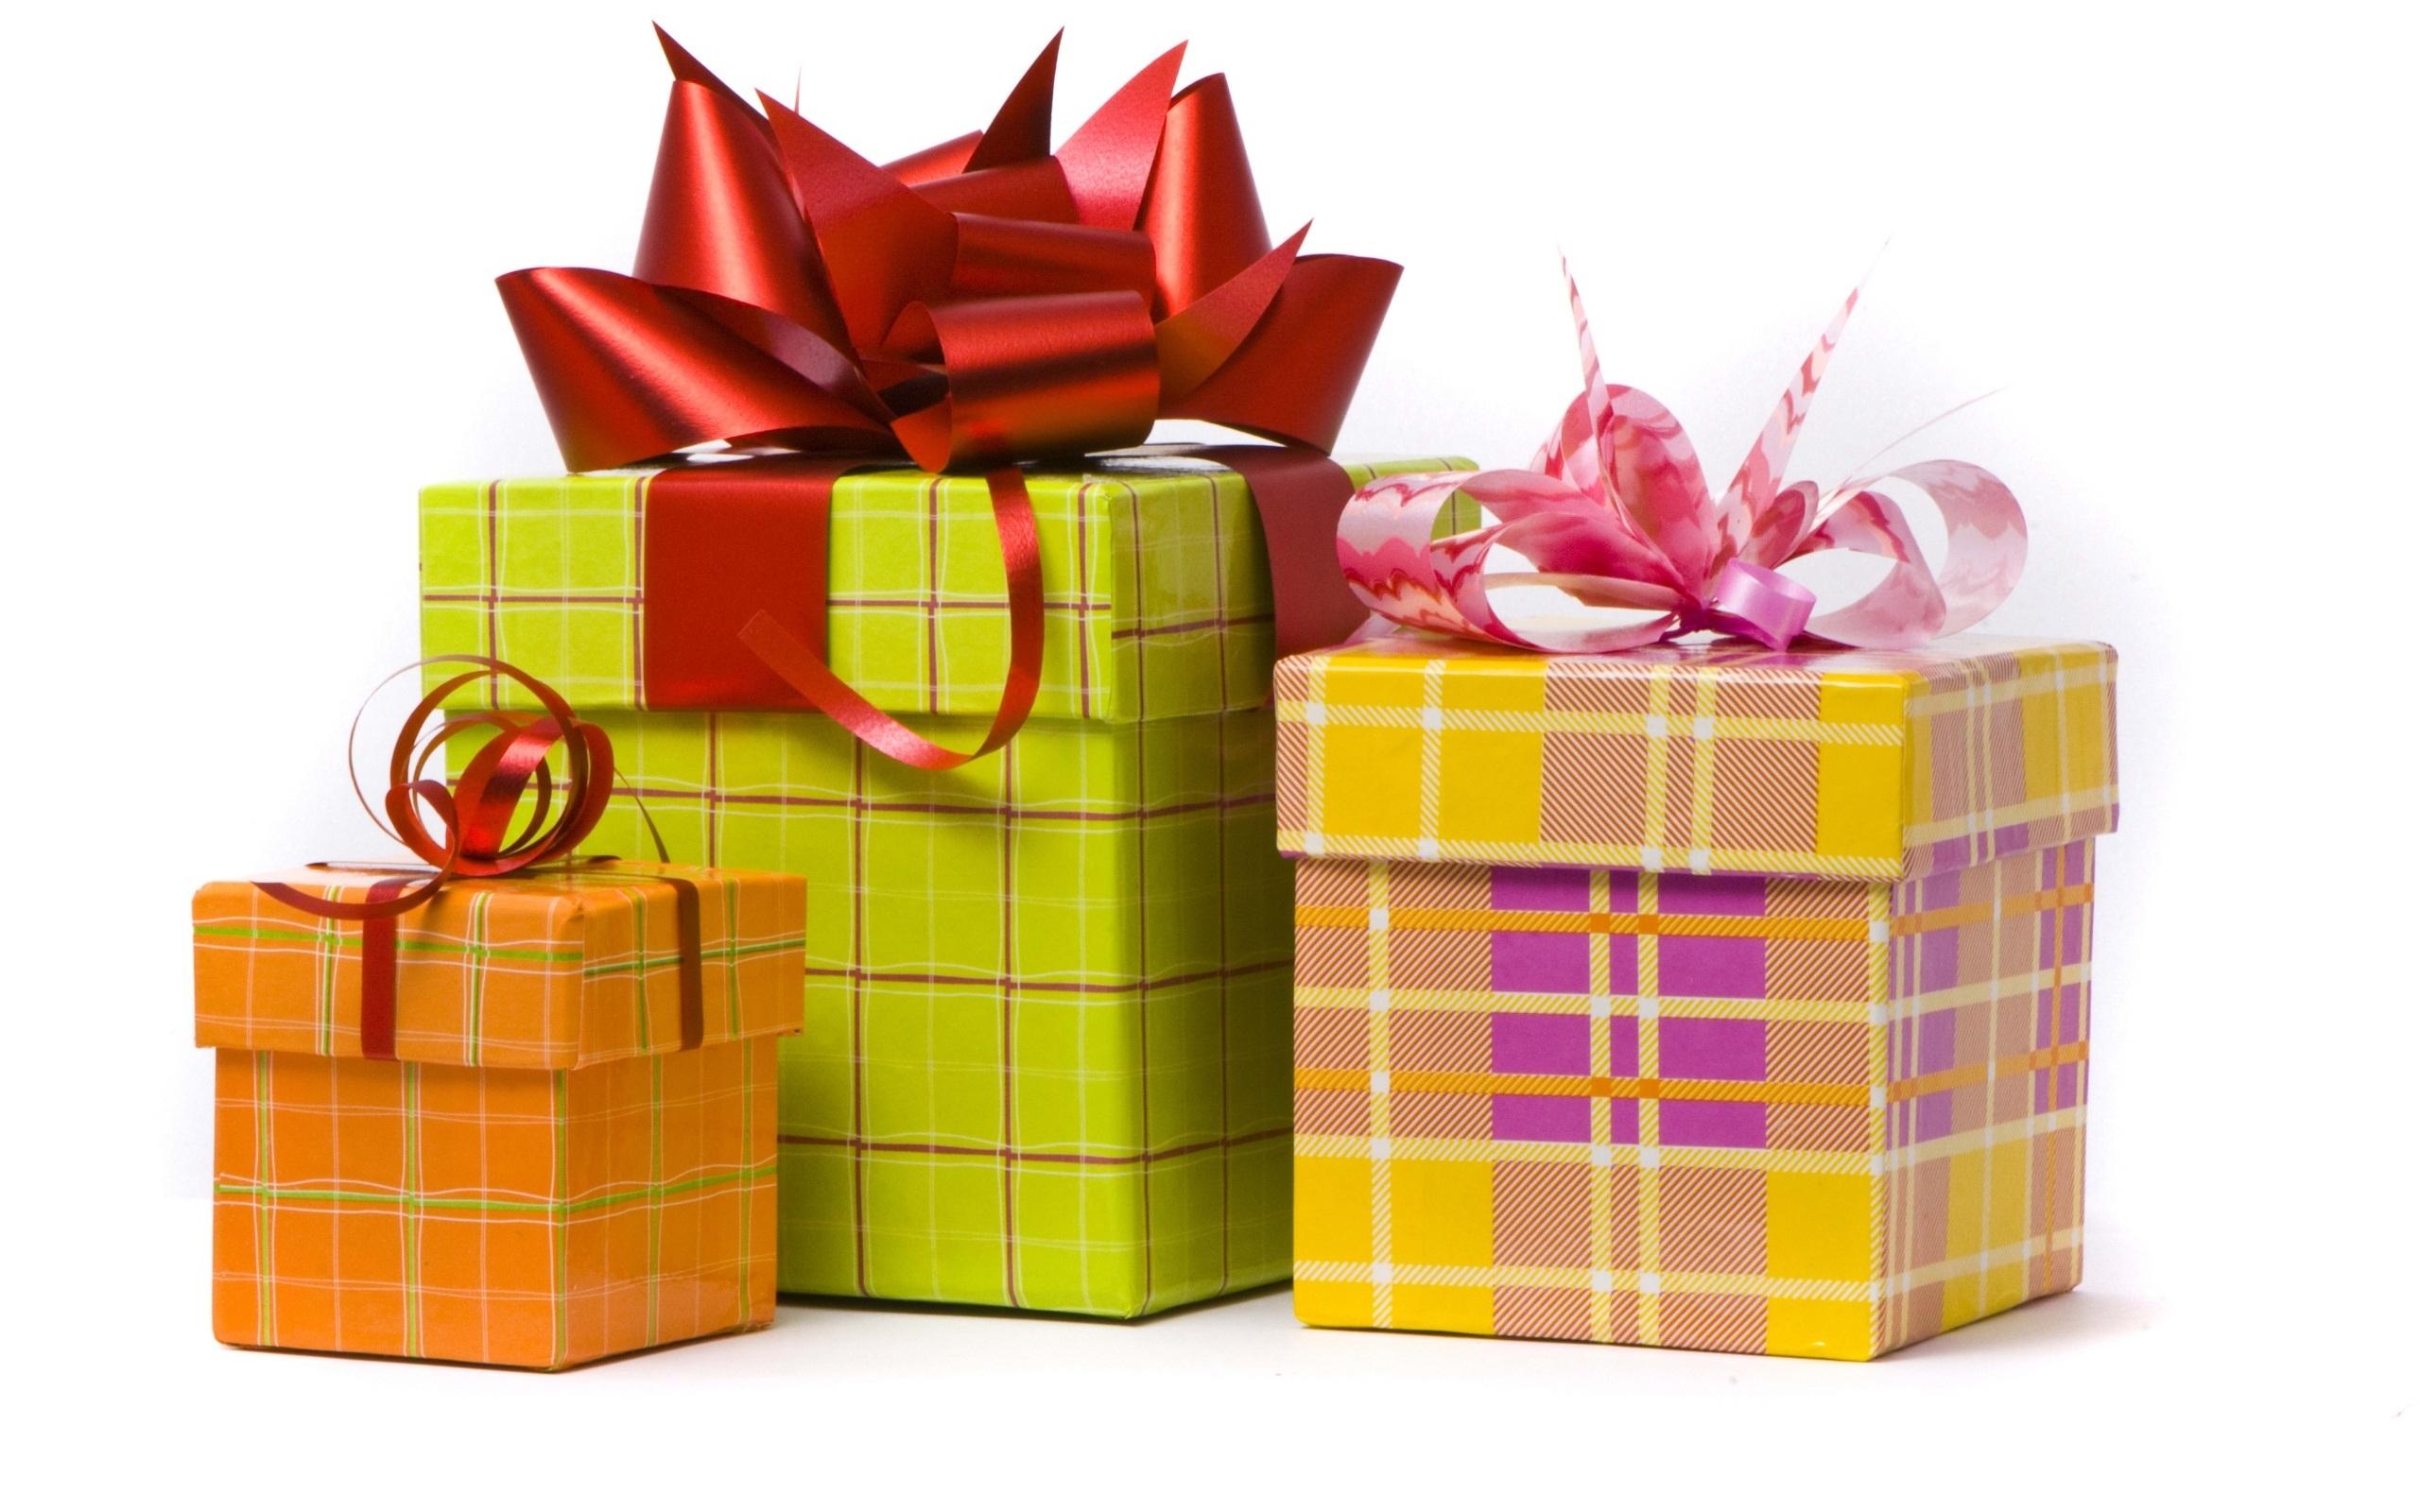 Frases sobre regalos e ilusi n procesos y aprendizaje - Regalos de muebles gratis ...